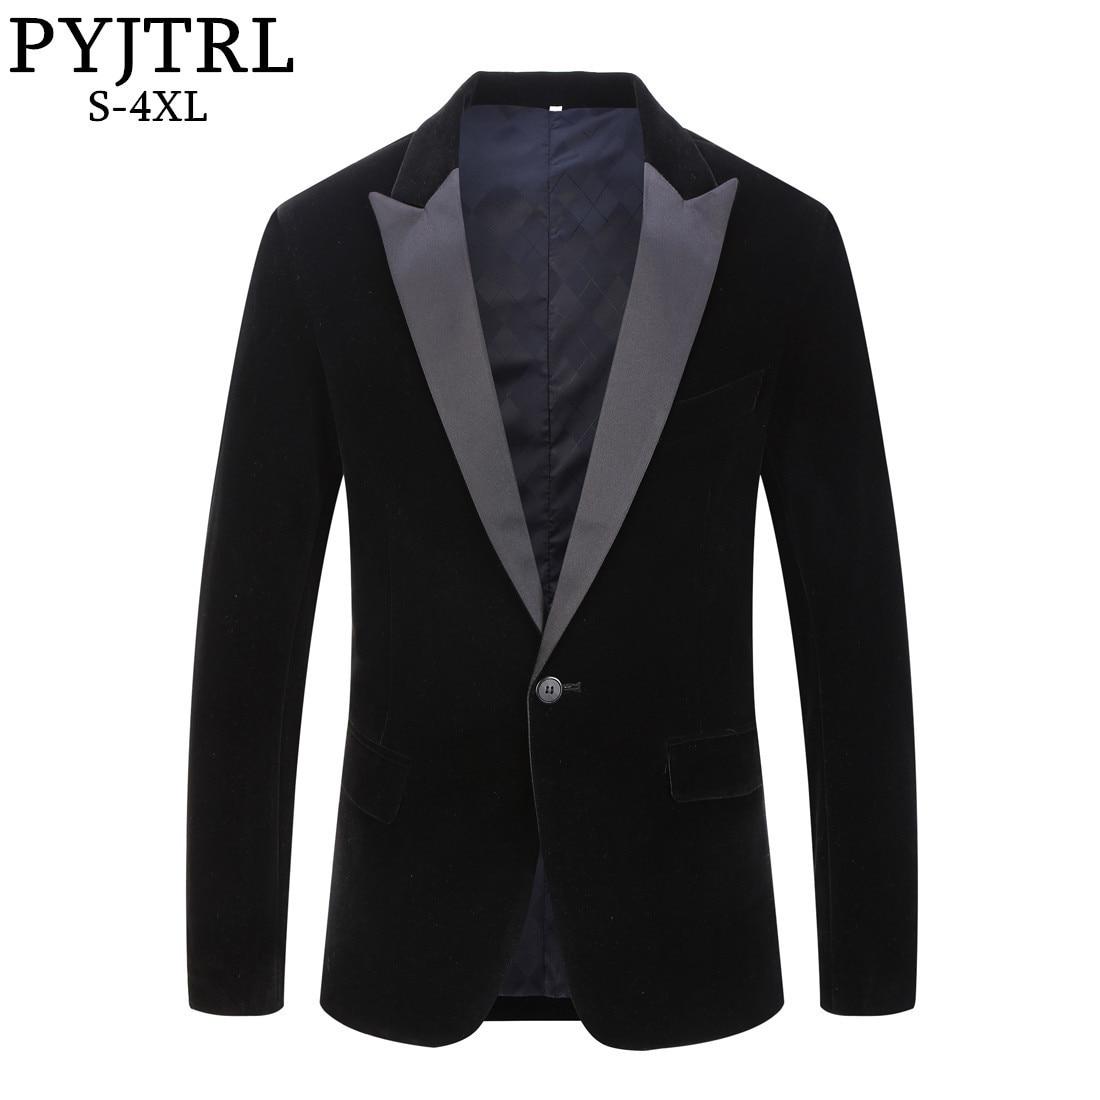 PYJTRL masculina más tamaño clásico chal negro solapa chaqueta de terciopelo hombres moda Casual boda del novio Delgado traje chaqueta cantantes